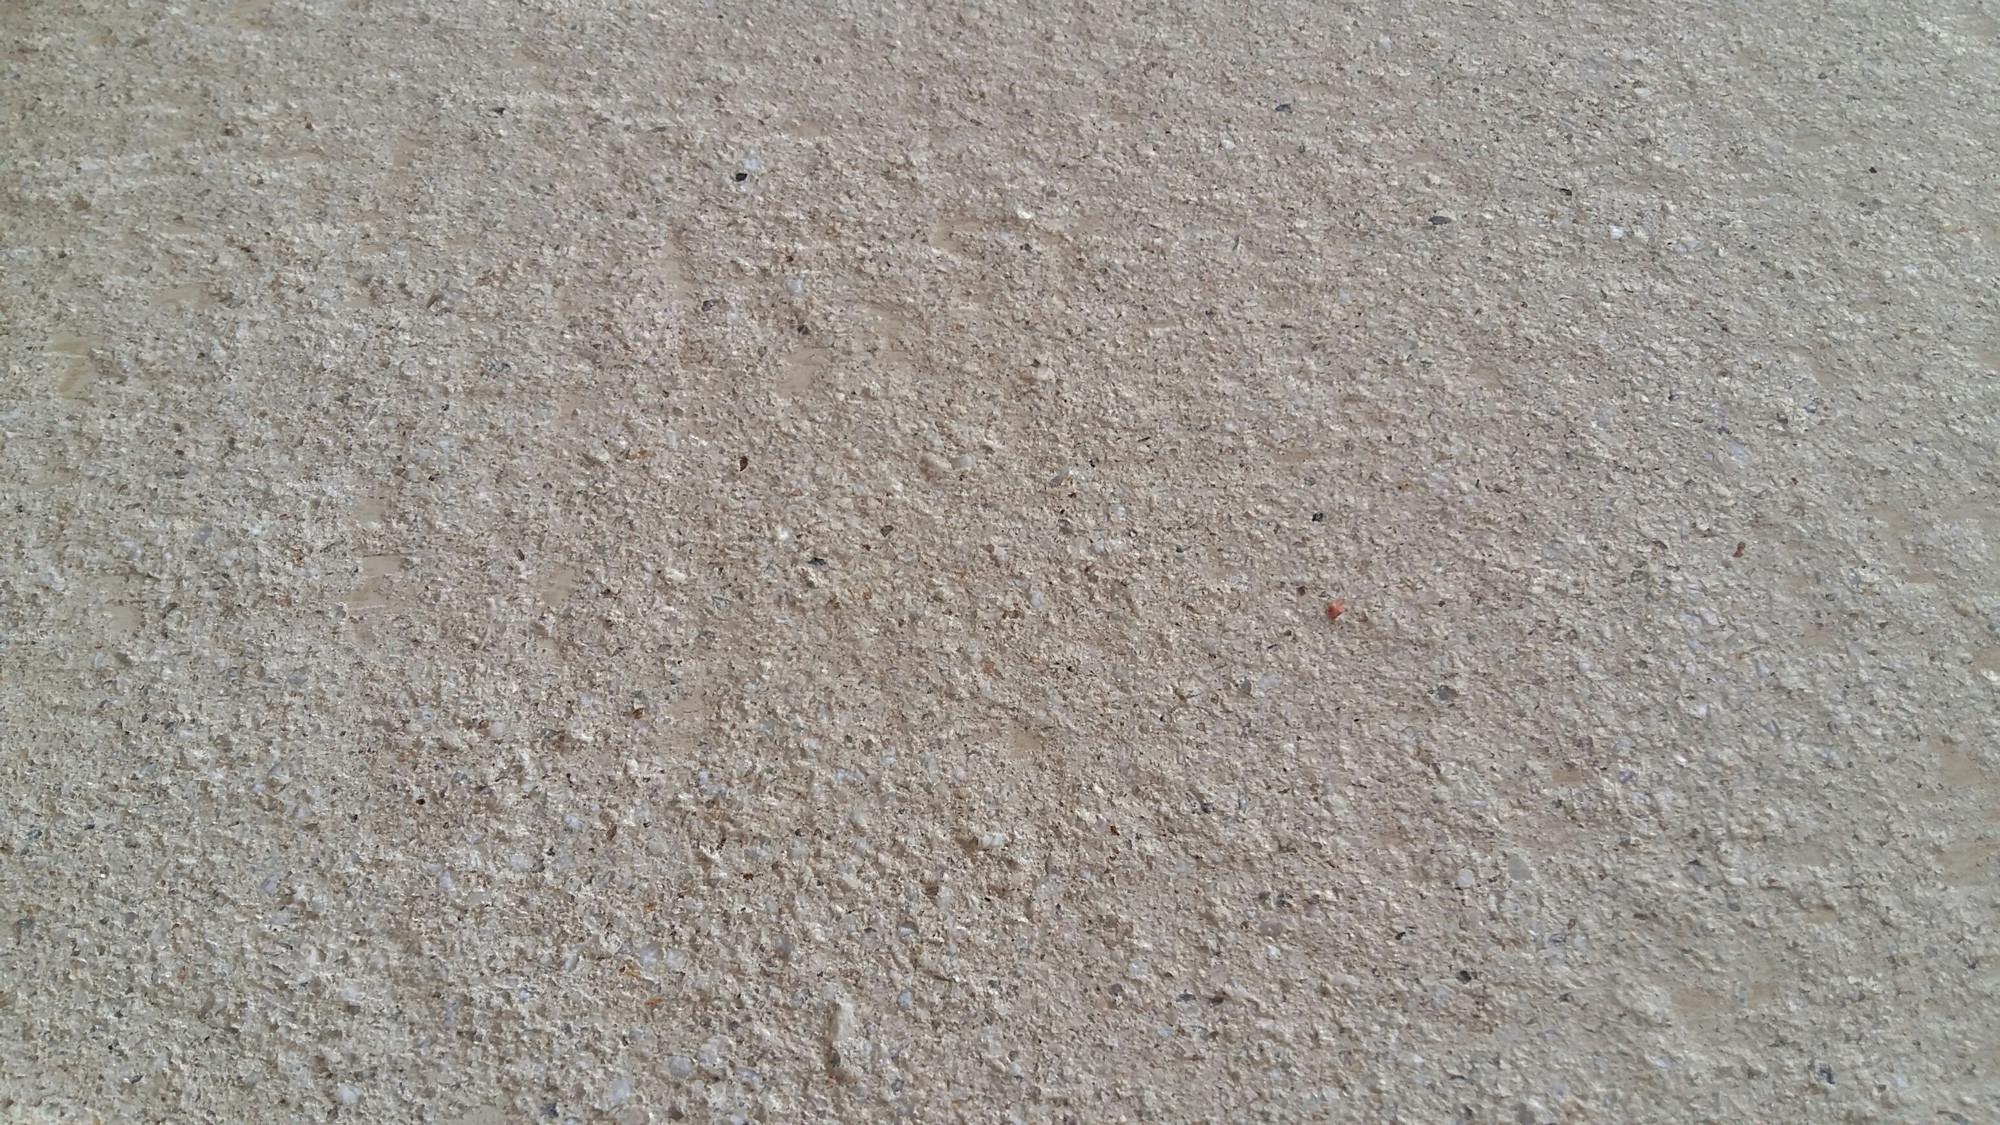 Dallage en béton façon pierre Modèle Occitanie teinte Ocré Rouviere Collection